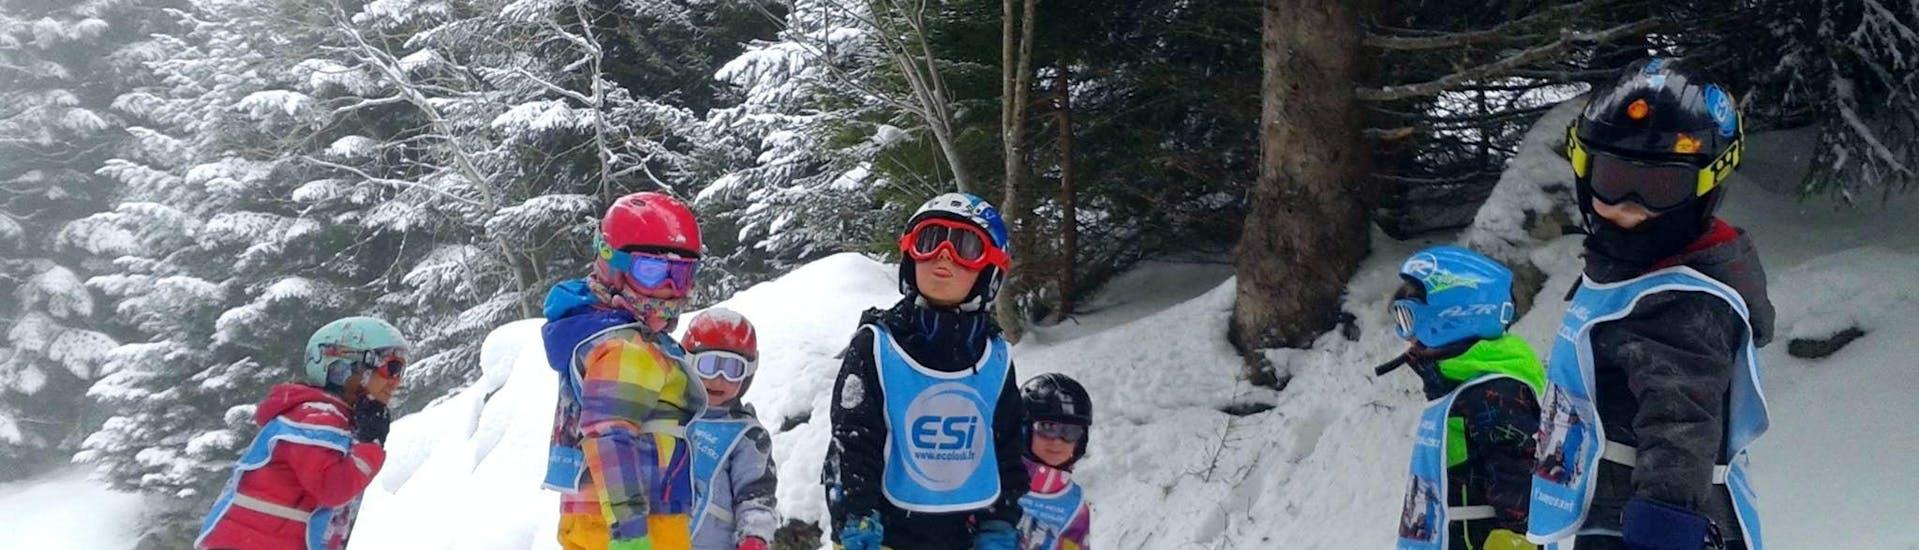 Des enfants se tiennent au milieu de la piste entourés d'arbres pendant leur Cours de ski pour Enfants (3-15 ans) - Week-end avec l'école de ski ESI Ecoloski Barèges.